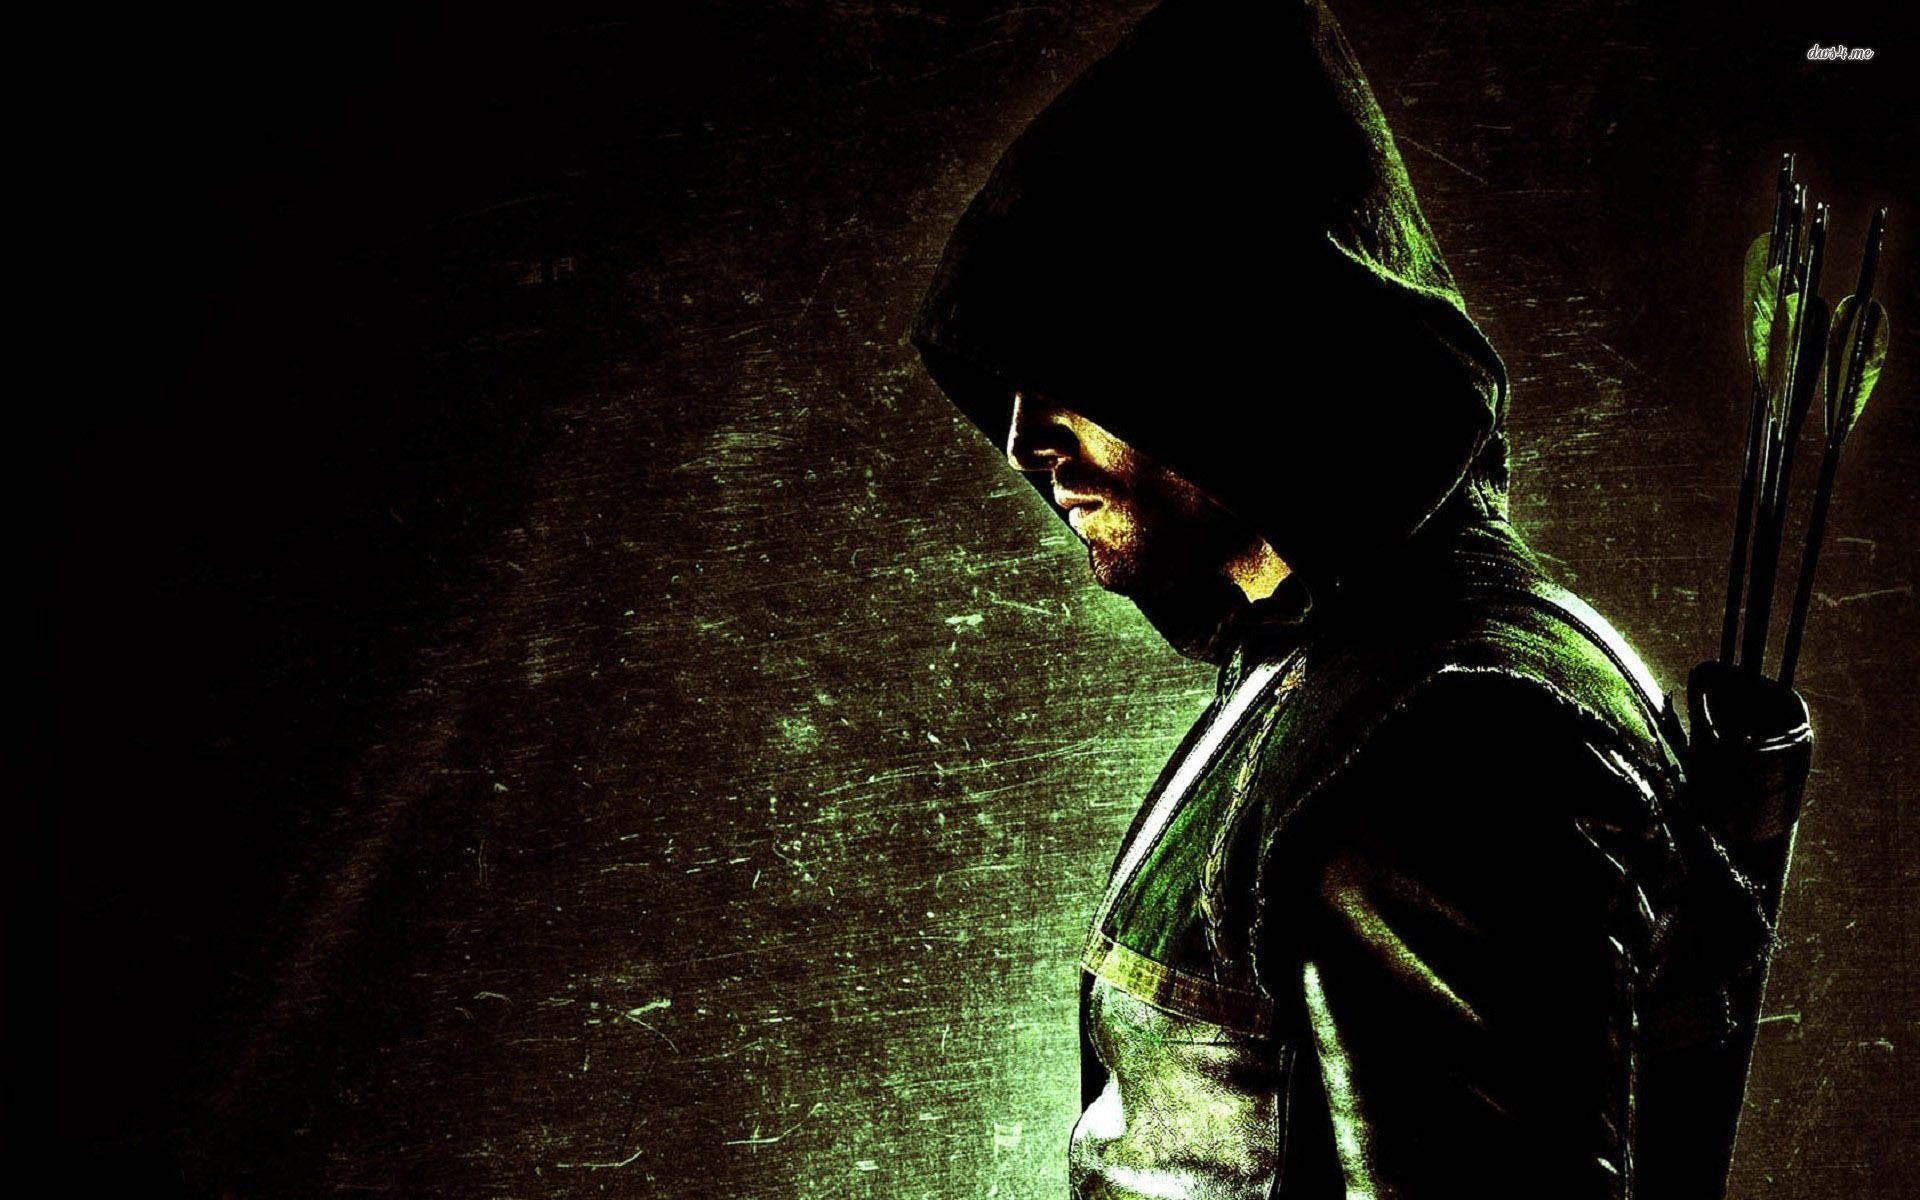 Green Arrow Wallpapers – Full HD wallpaper search